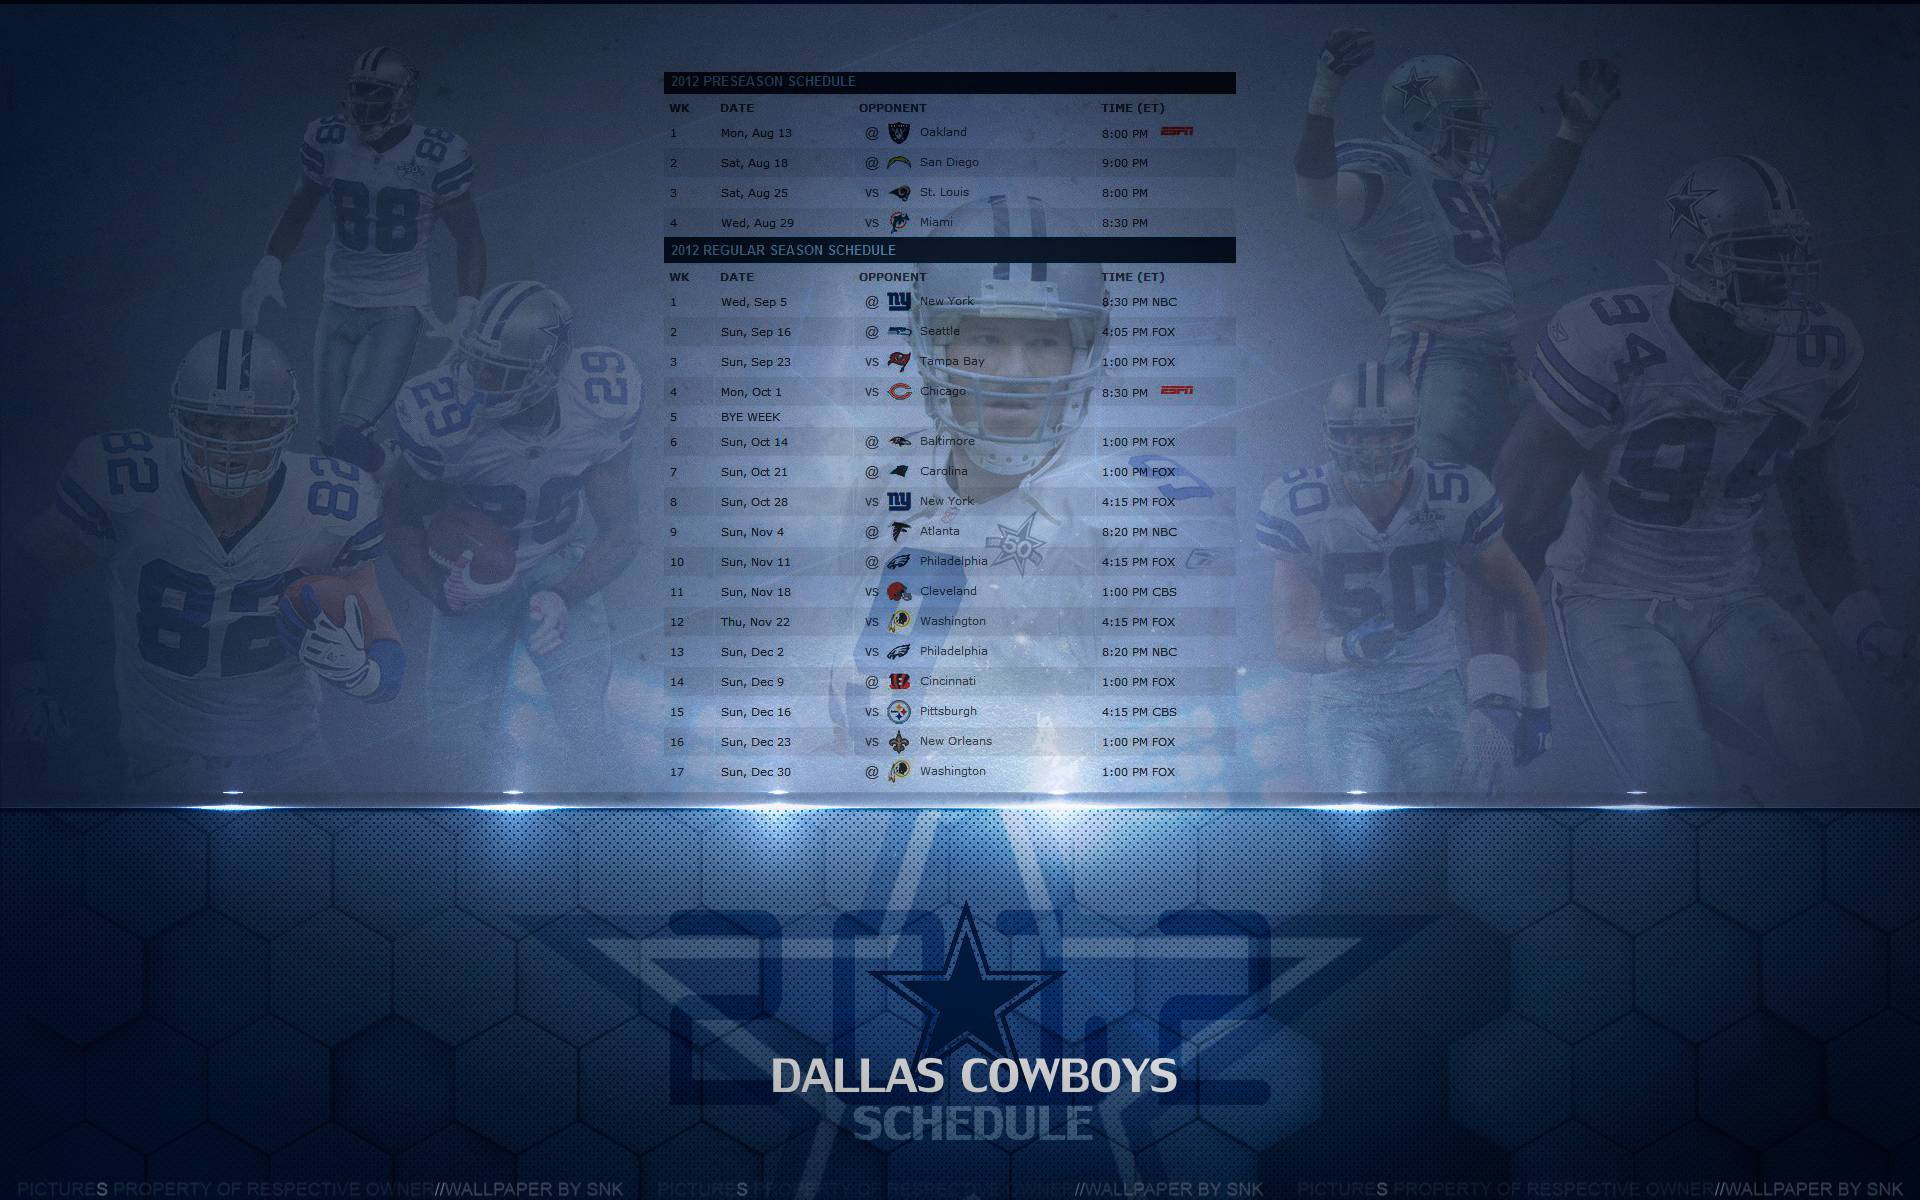 dallas cowboys schedule wallpaper - sf wallpaper